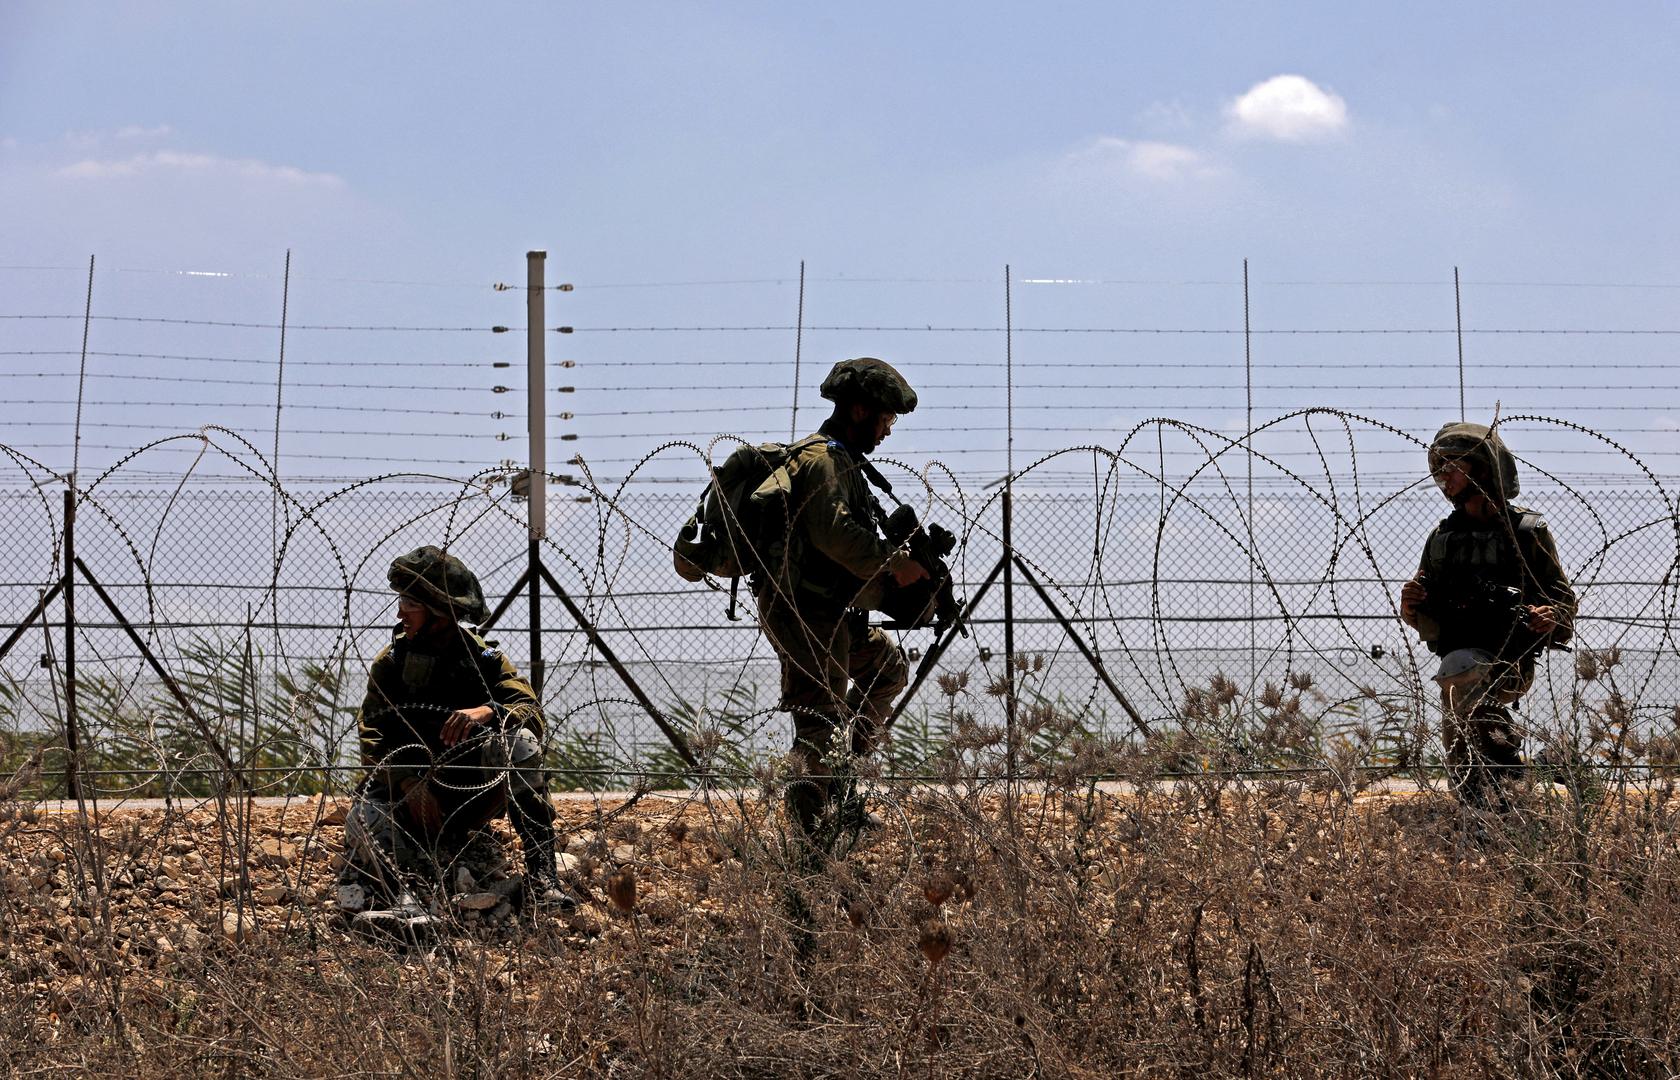 تقارير تكشف عن مسار وخطوات الأسرى الفلسطينيين بعد فرارهم من سجن جلبوع